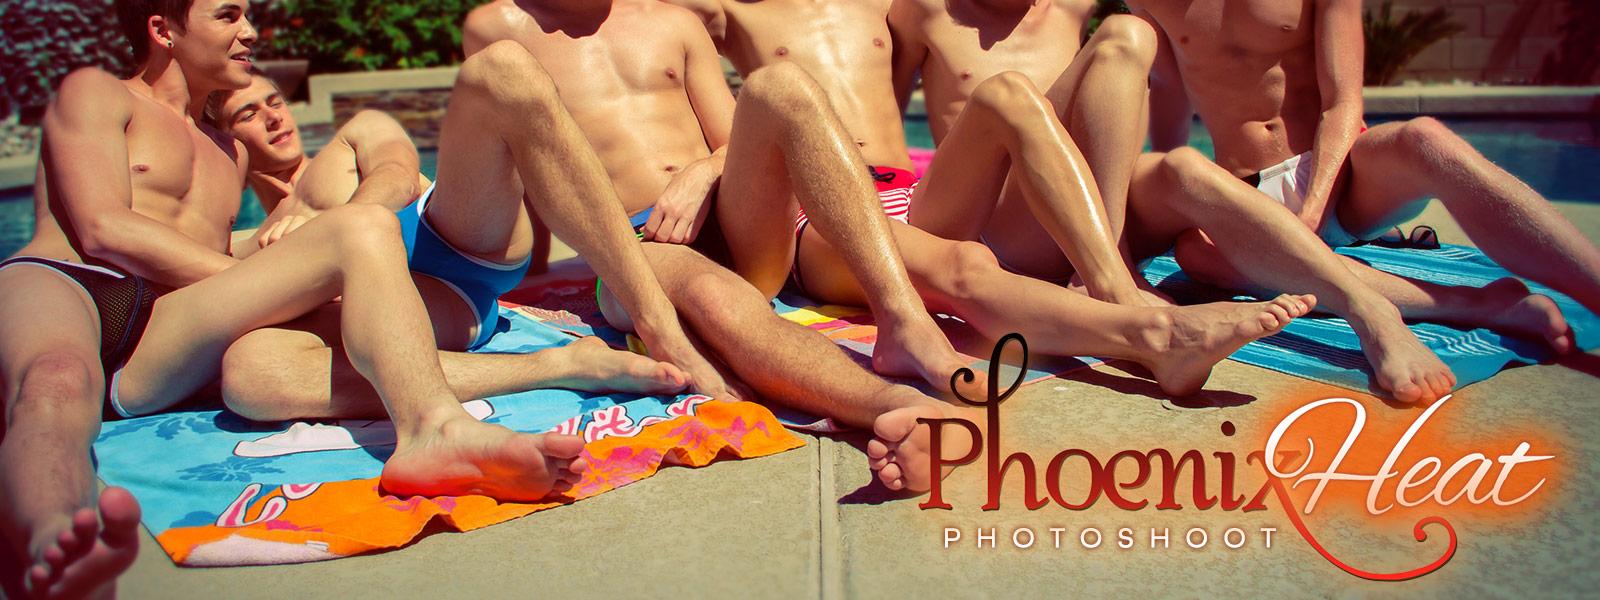 Phoenix Pride